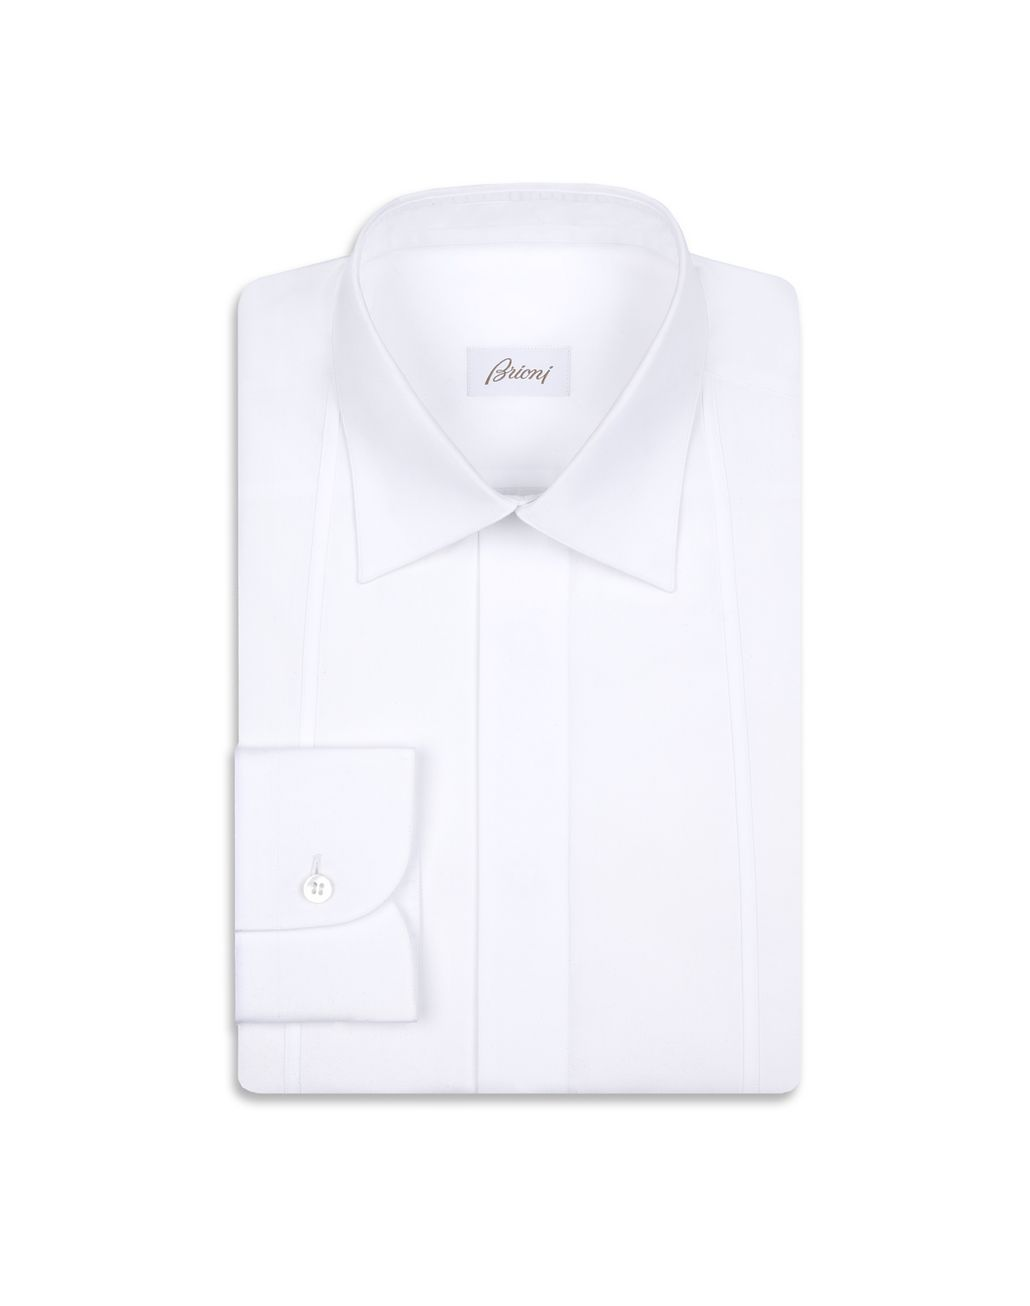 BRIONI Chemise De Soirée Blanche Chemise habillée Homme f